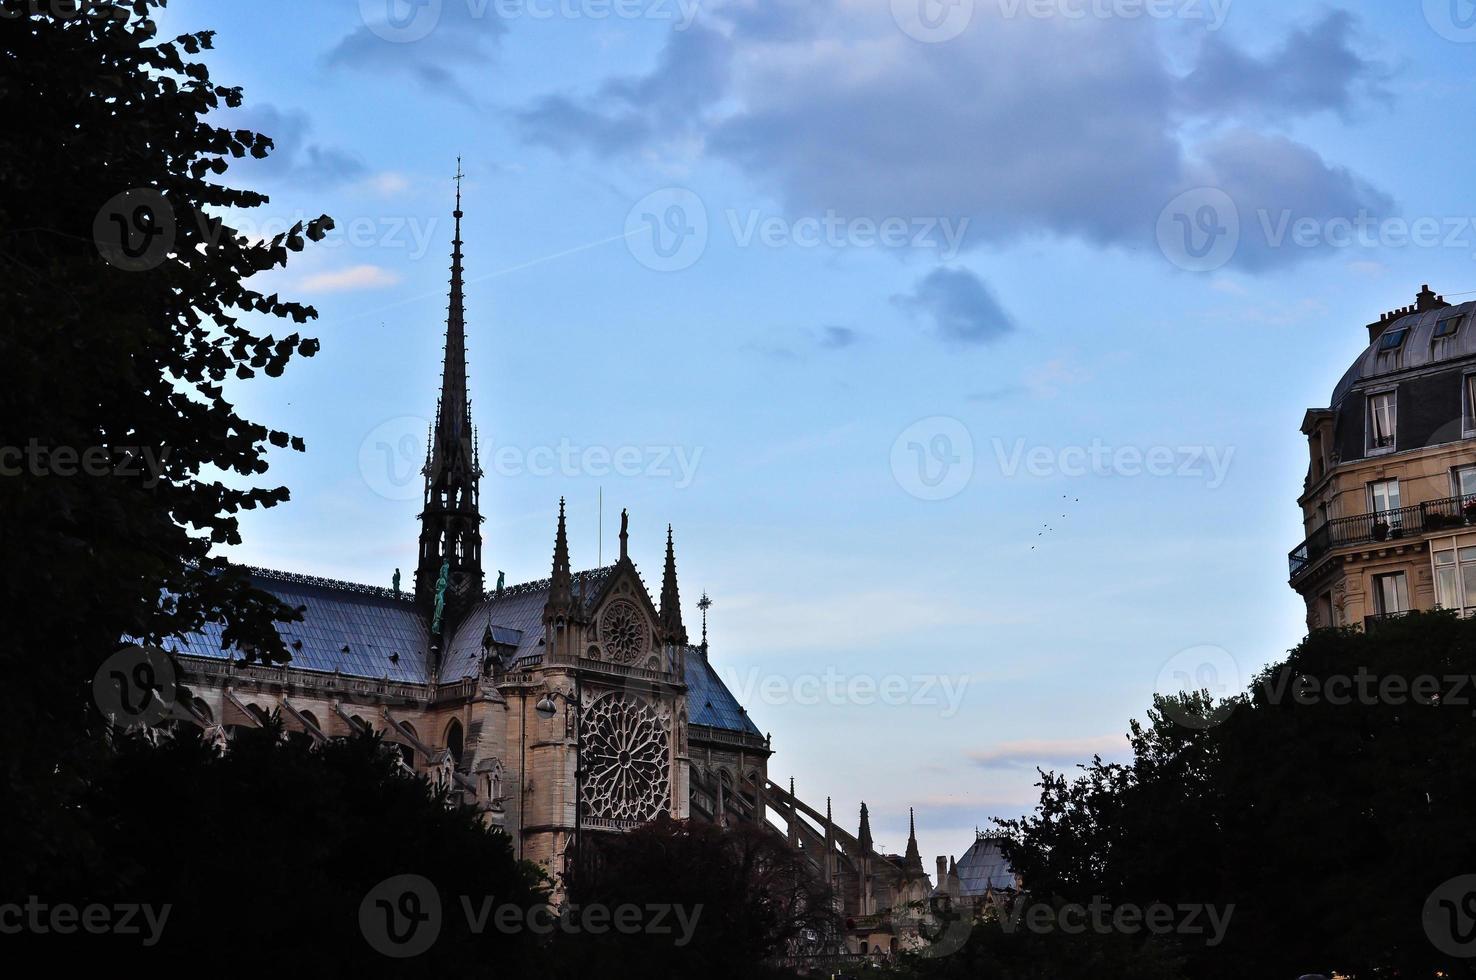 Cathédrale Notre Dame de Paris, France. photo